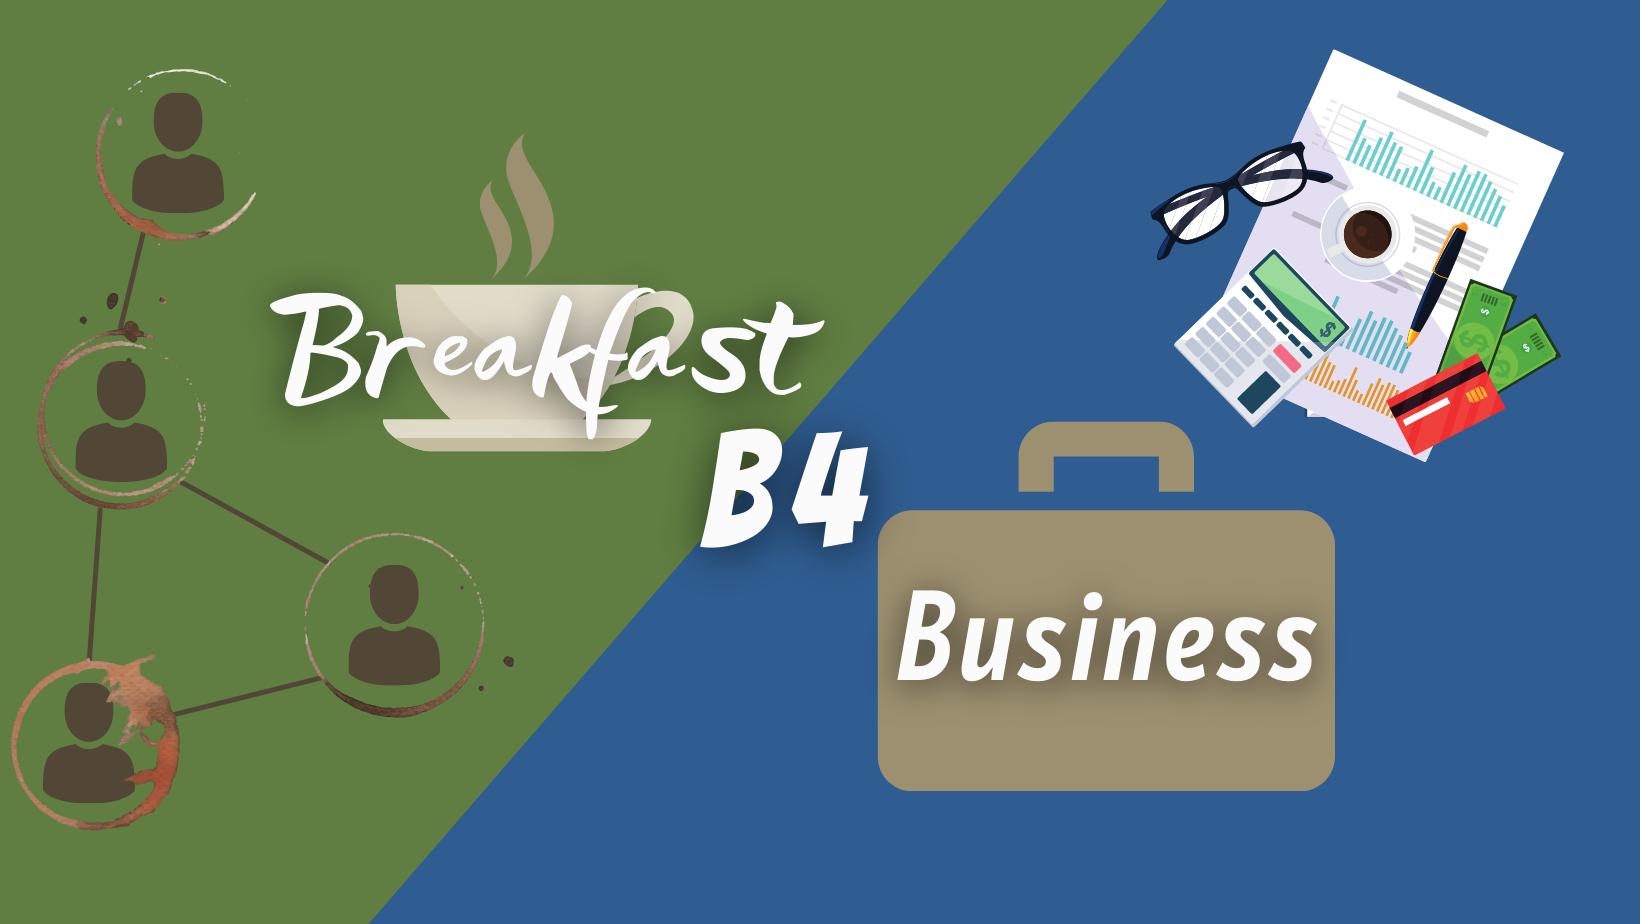 Breakfast B4 Business